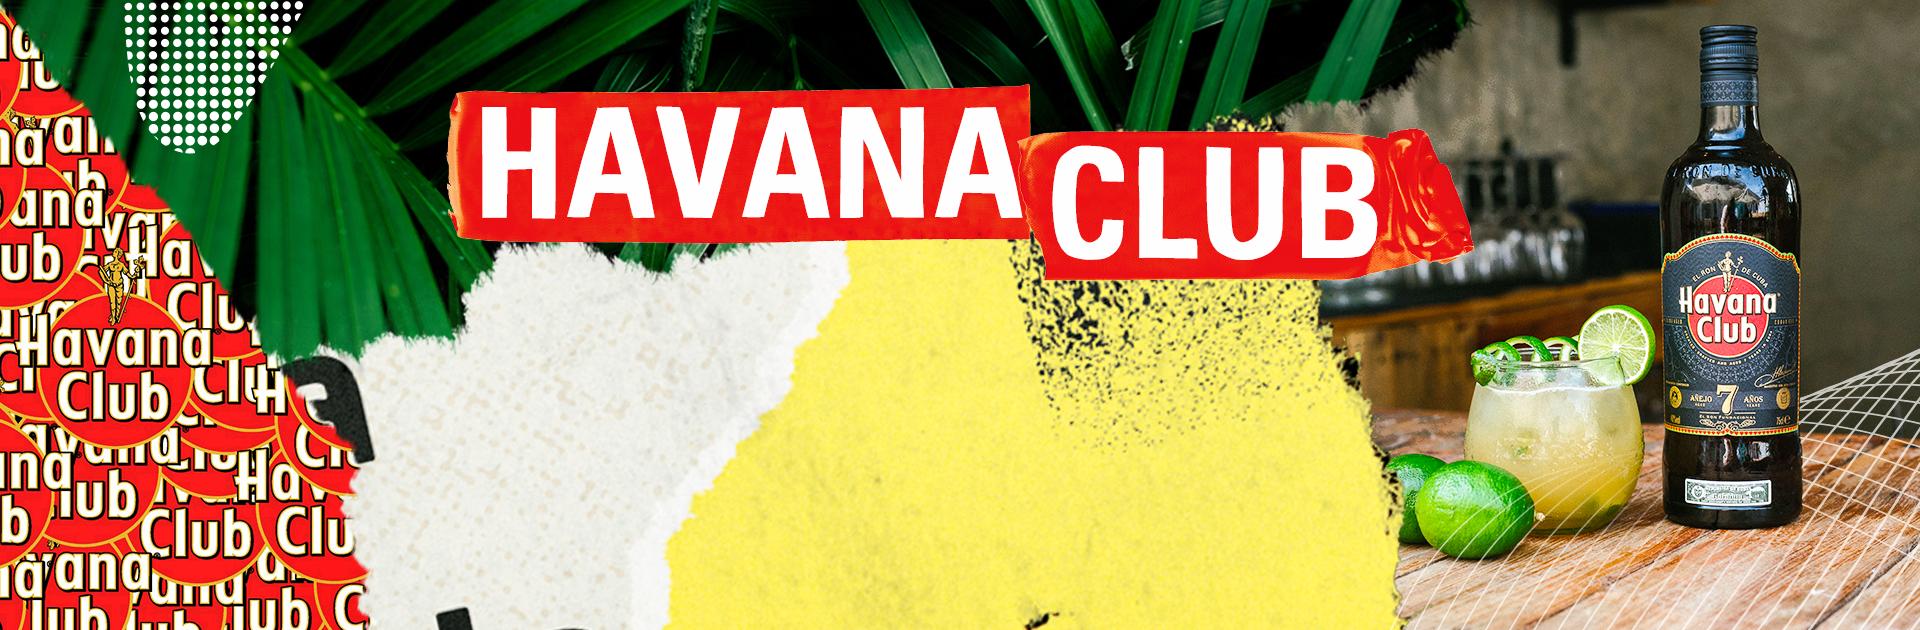 Havana Club: tutto il flow della Social Media Strategy by Cimiciurri